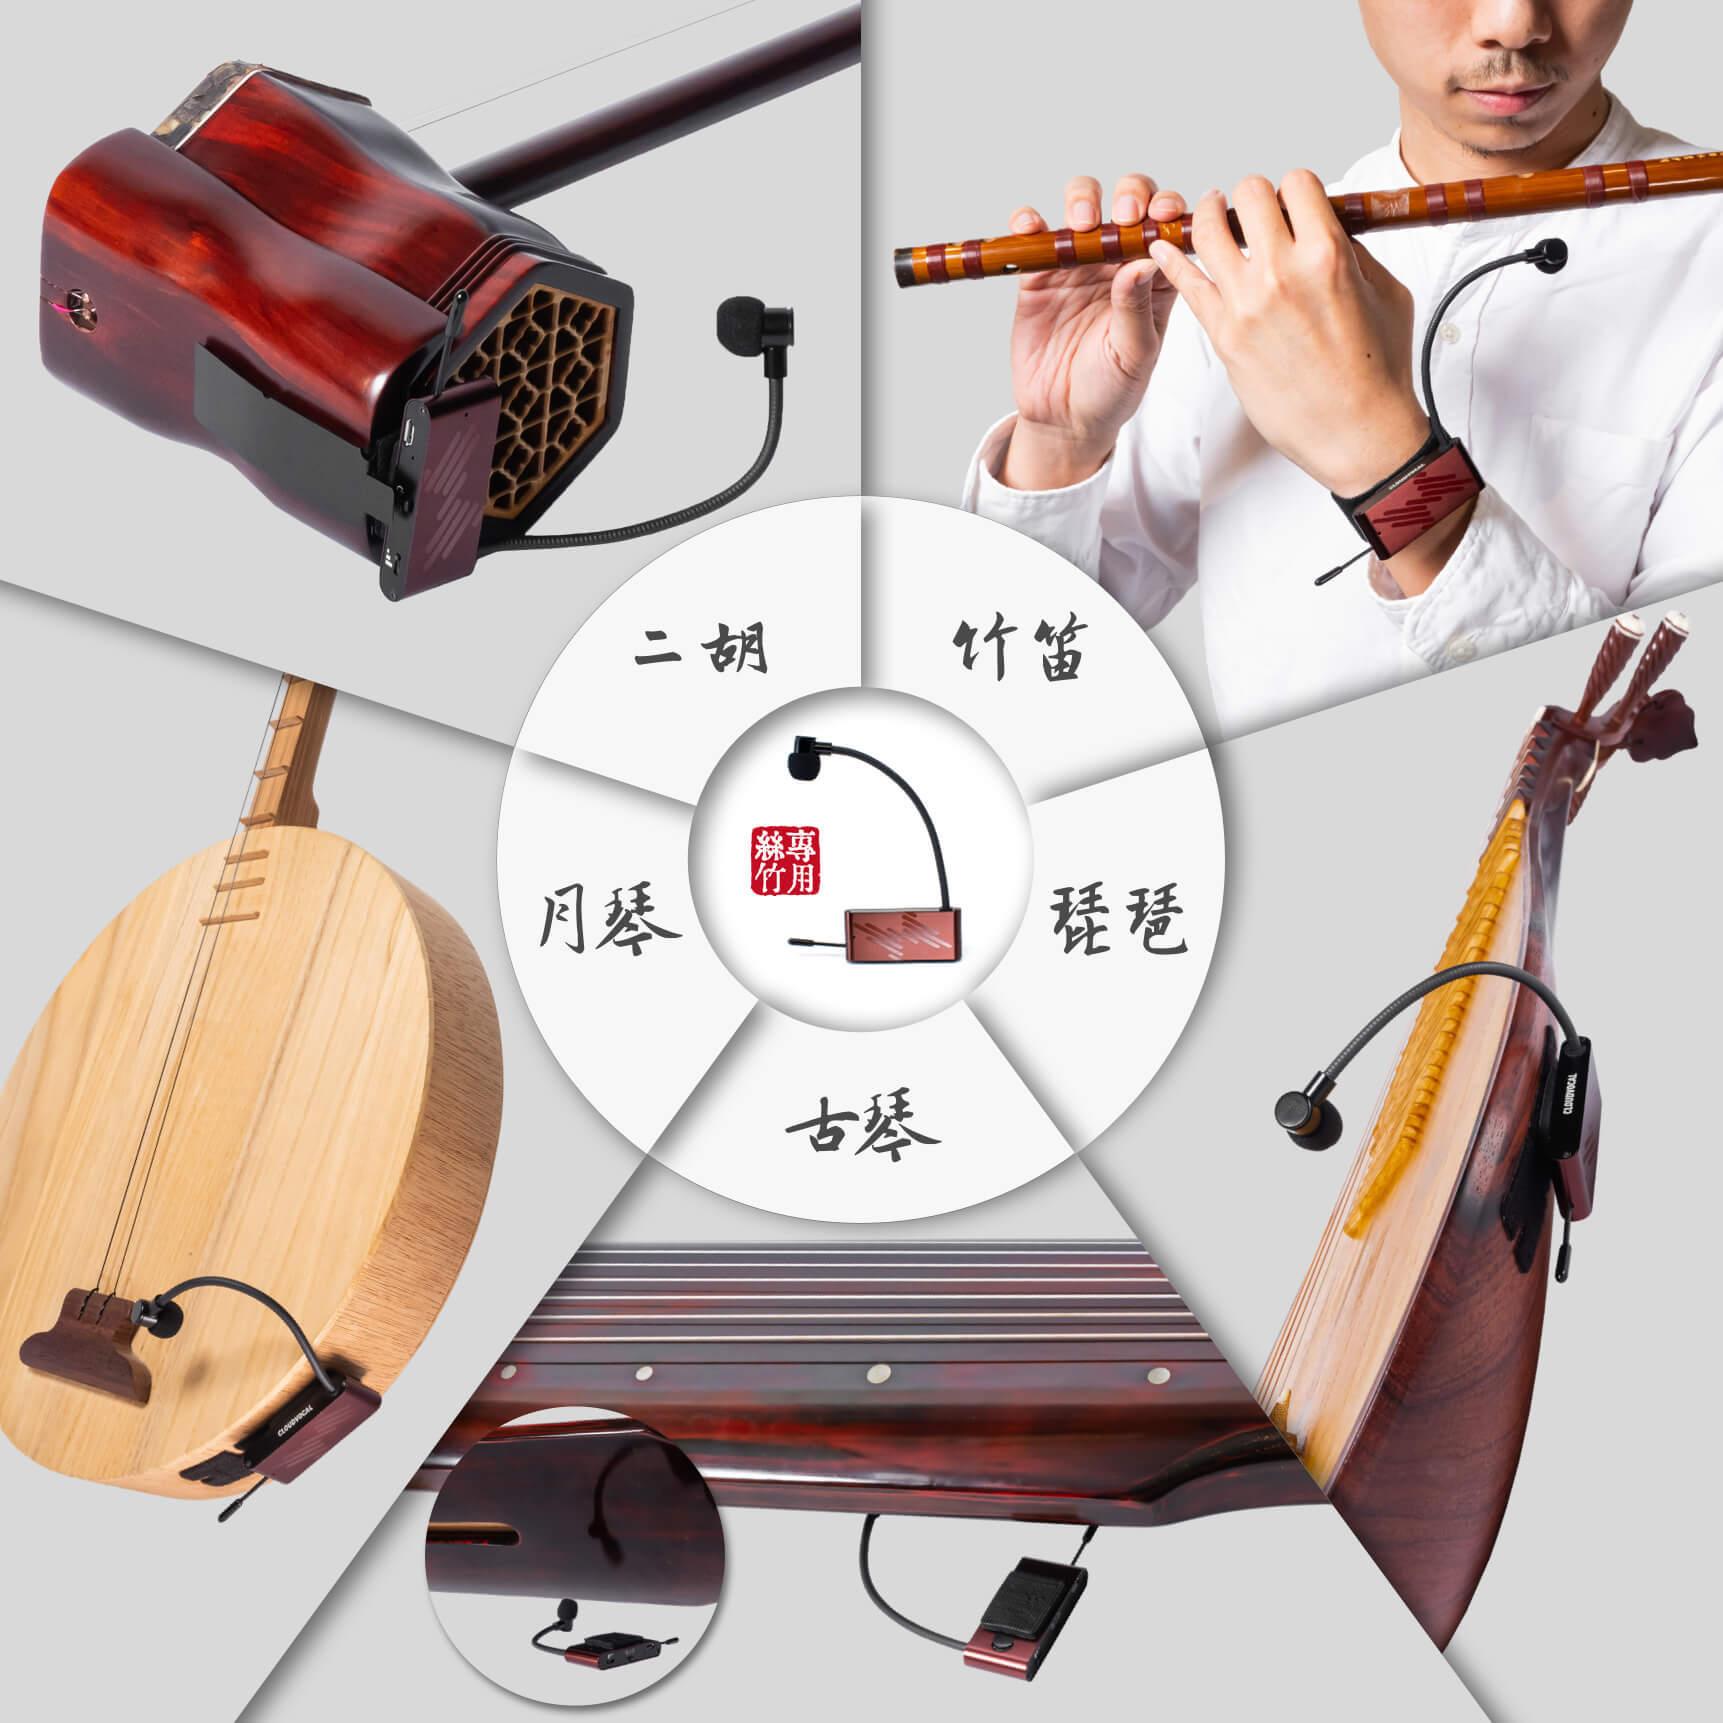 ISOLO絲竹樂器麥克風收音固定方式